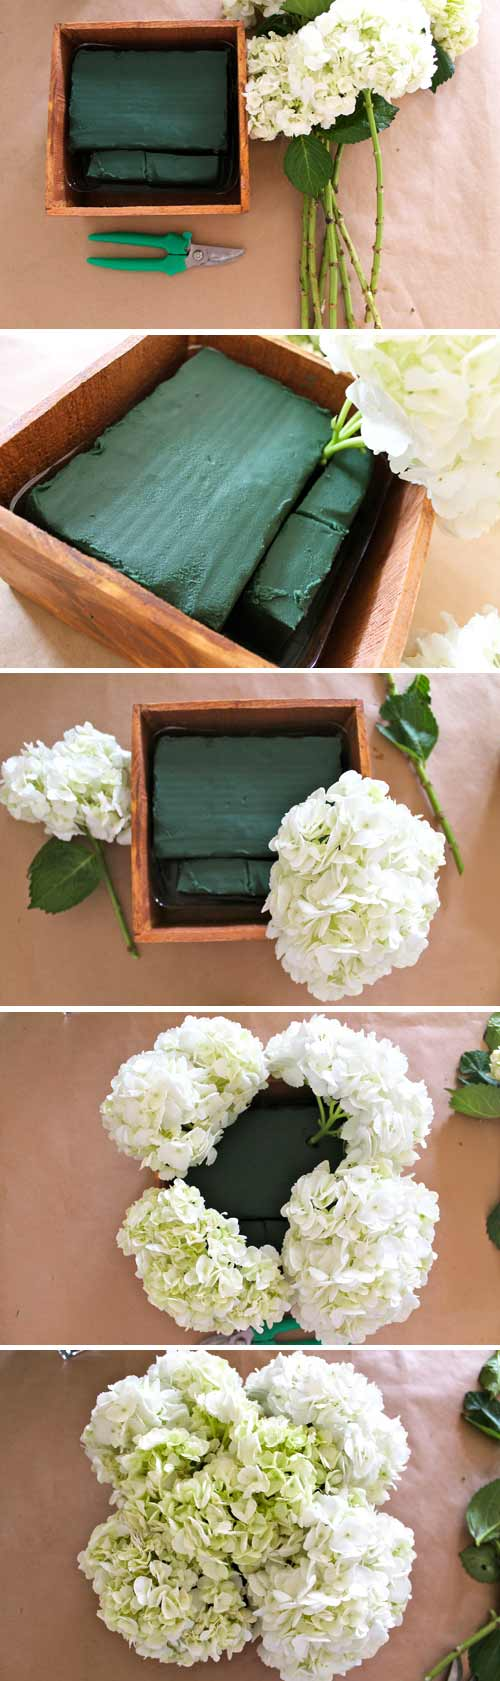 hoa trang tinh khoi cho ngay cuoi tron ven - 4